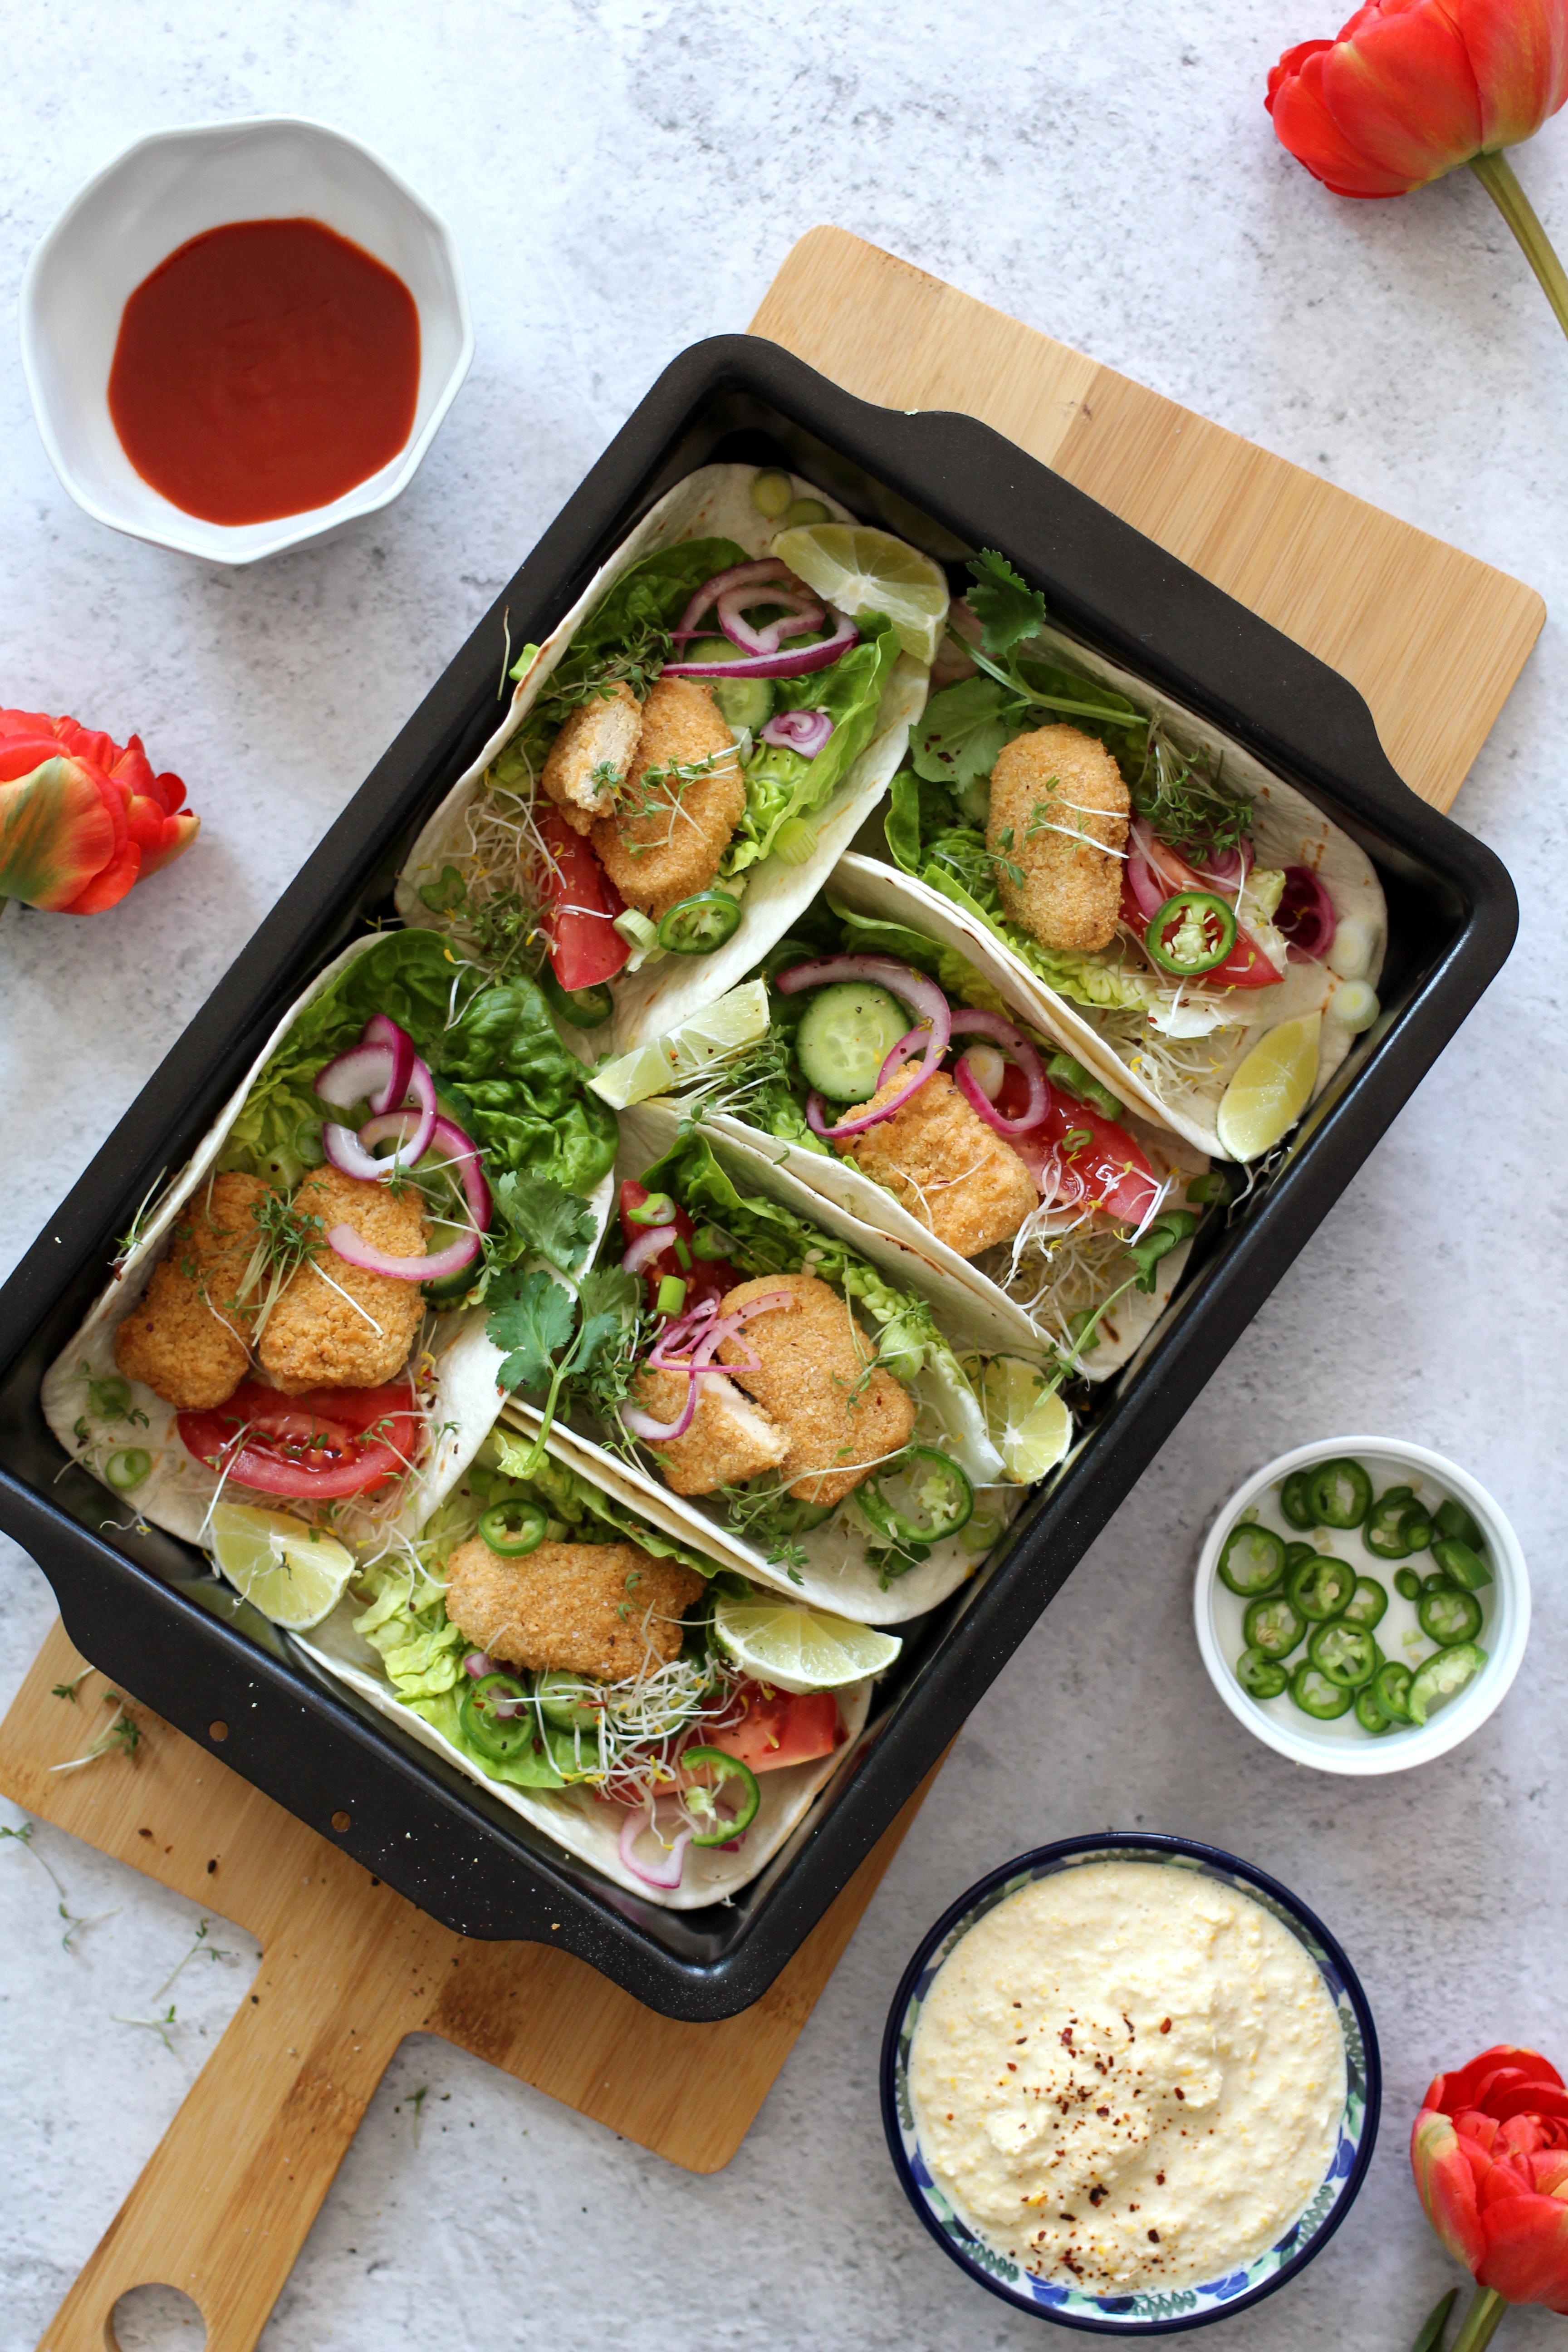 Recept met vegan nuggets van Quorn